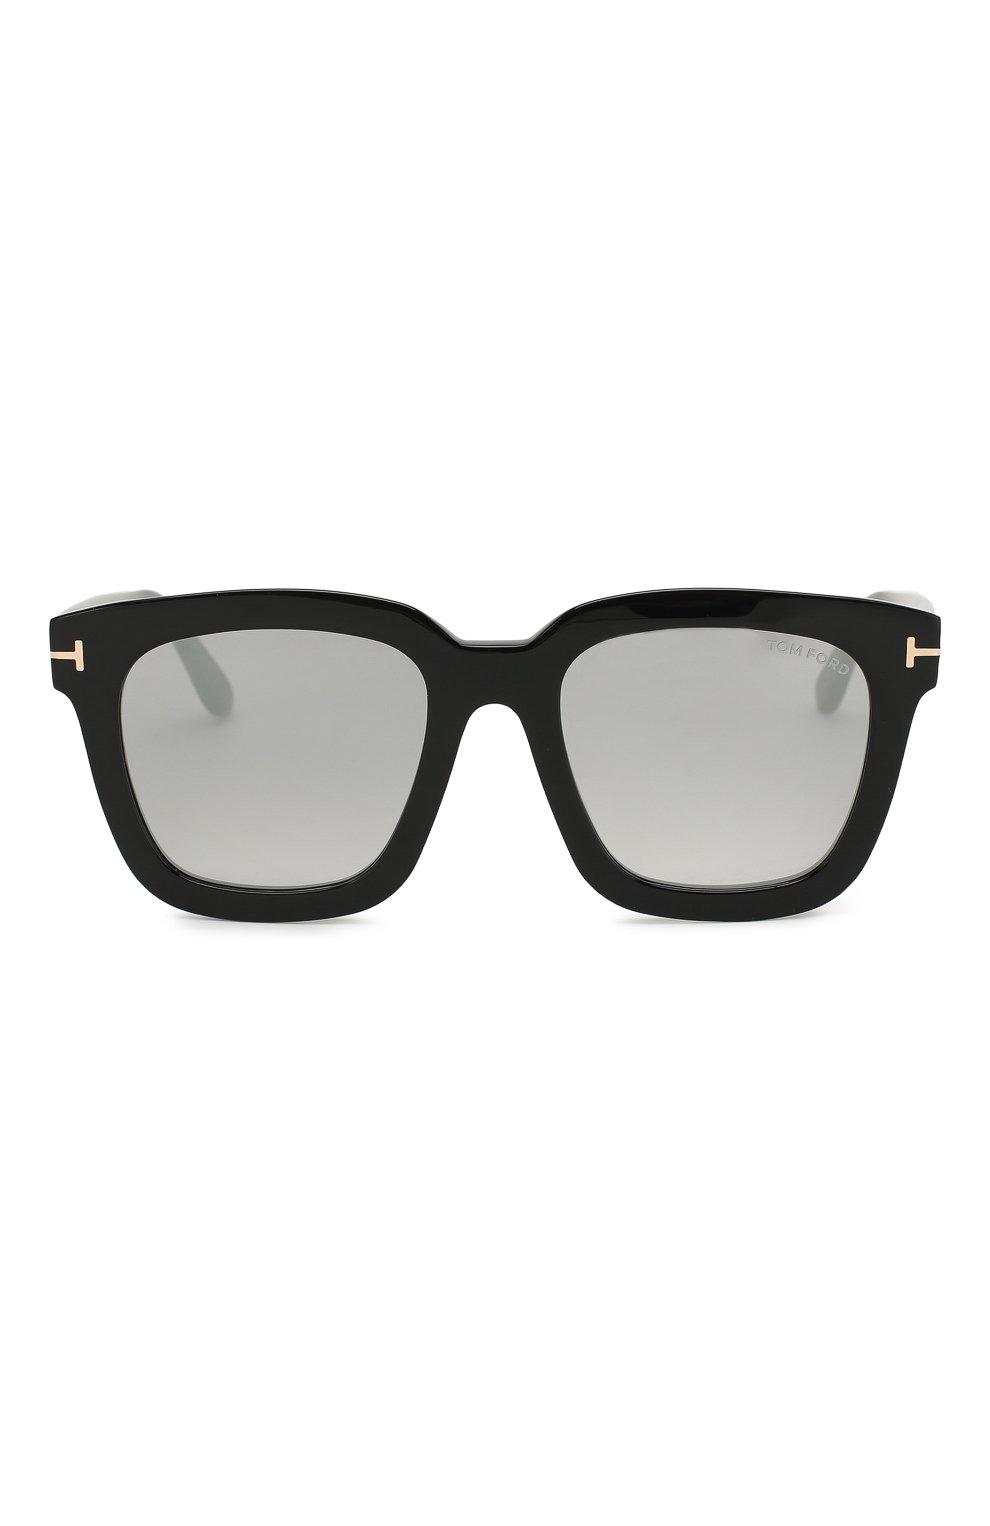 Женские солнцезащитные очки TOM FORD черного цвета, арт. TF690 01C | Фото 3